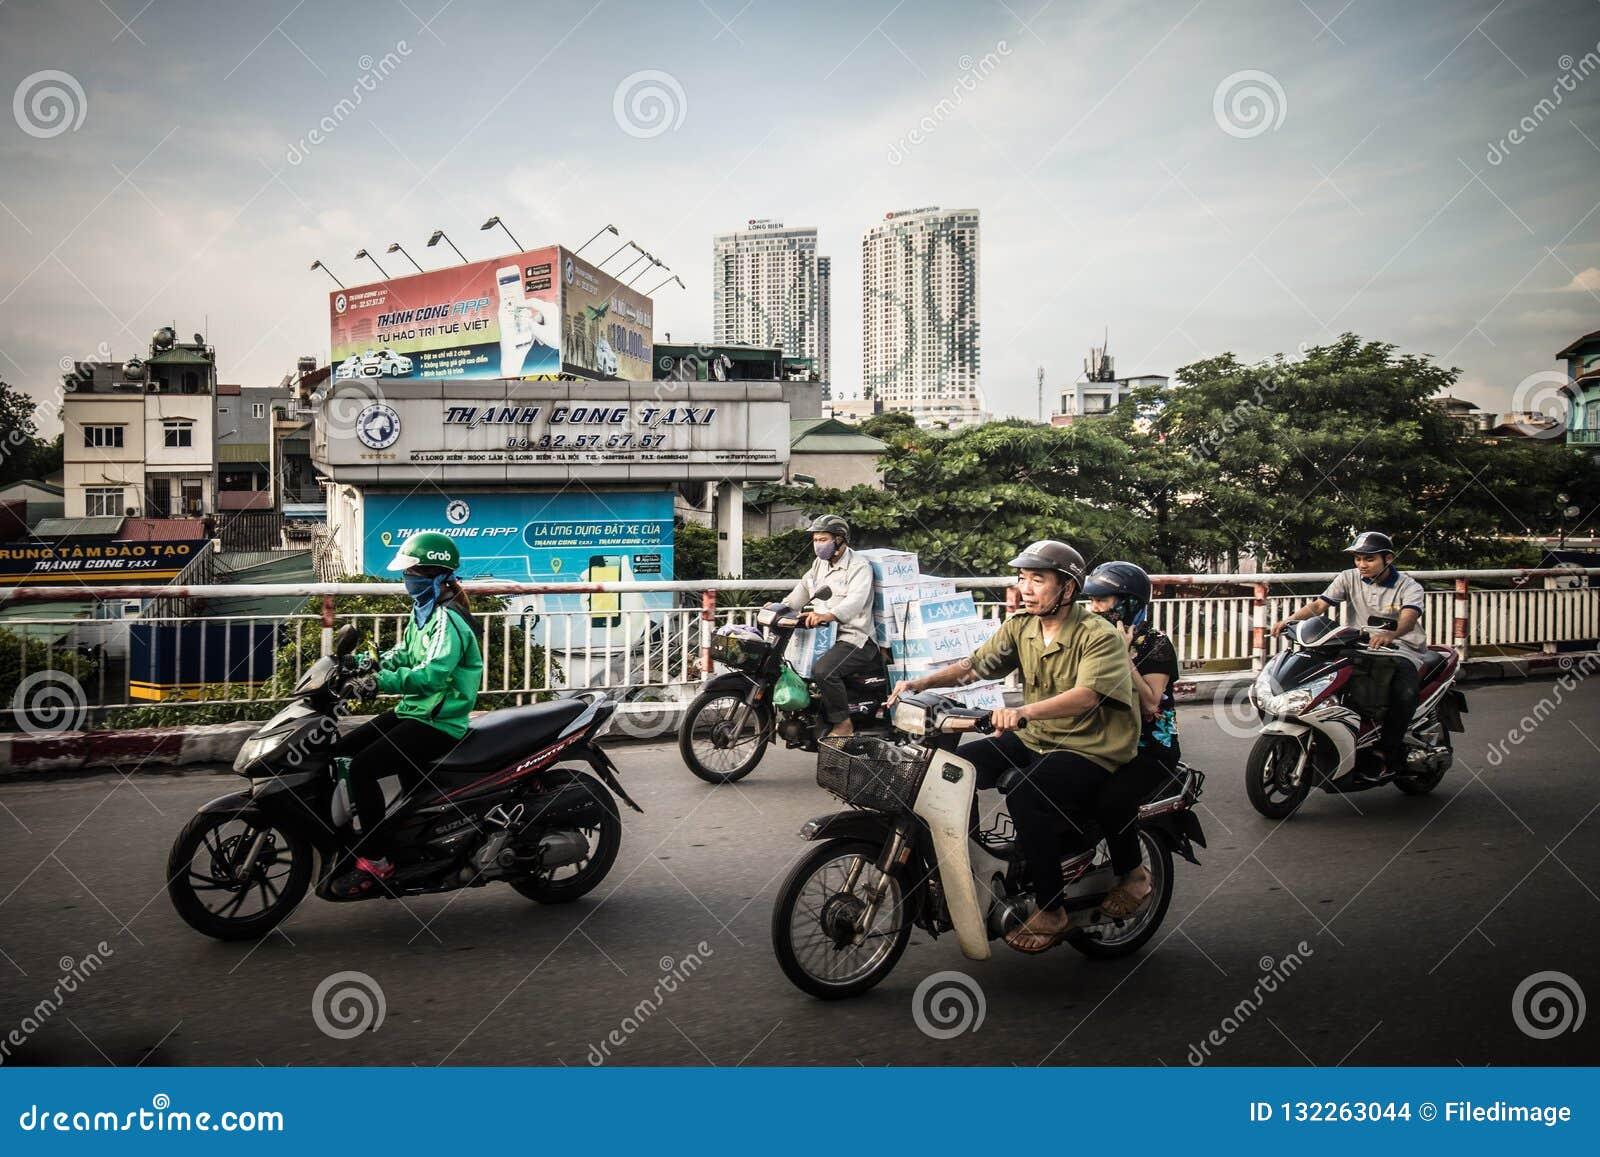 Hanoi Daily Traffic